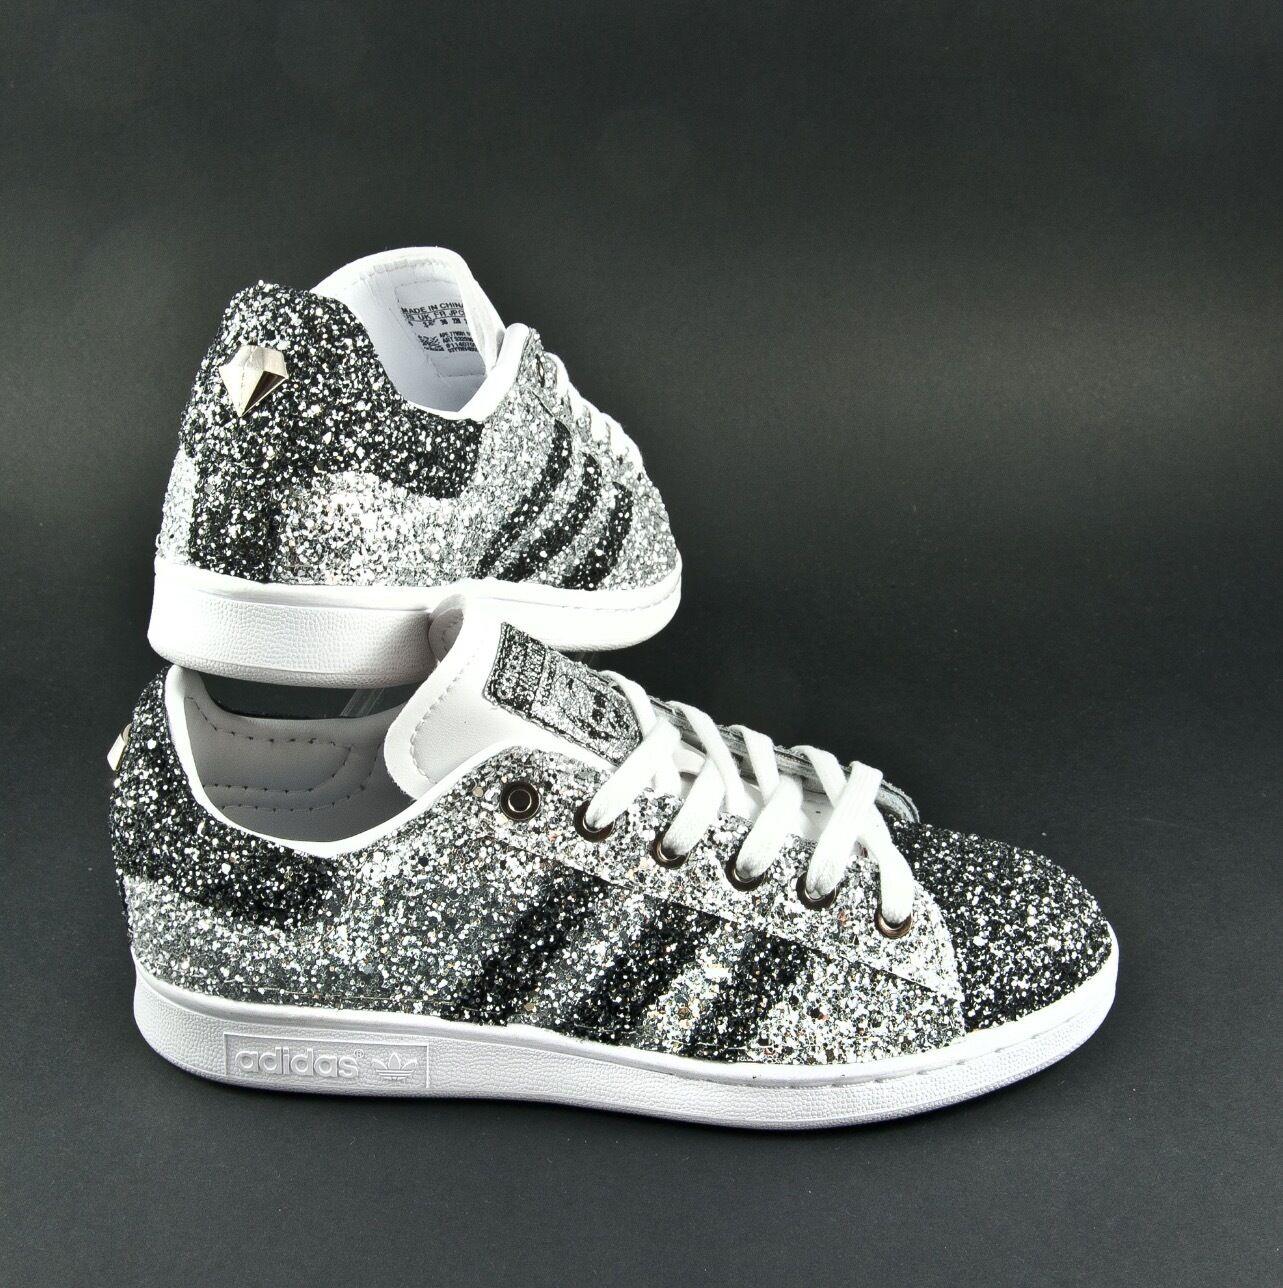 schuhe adidas stan smith  glitter glitter glitter Silber e grau antracite anche sulla punta be9ee4